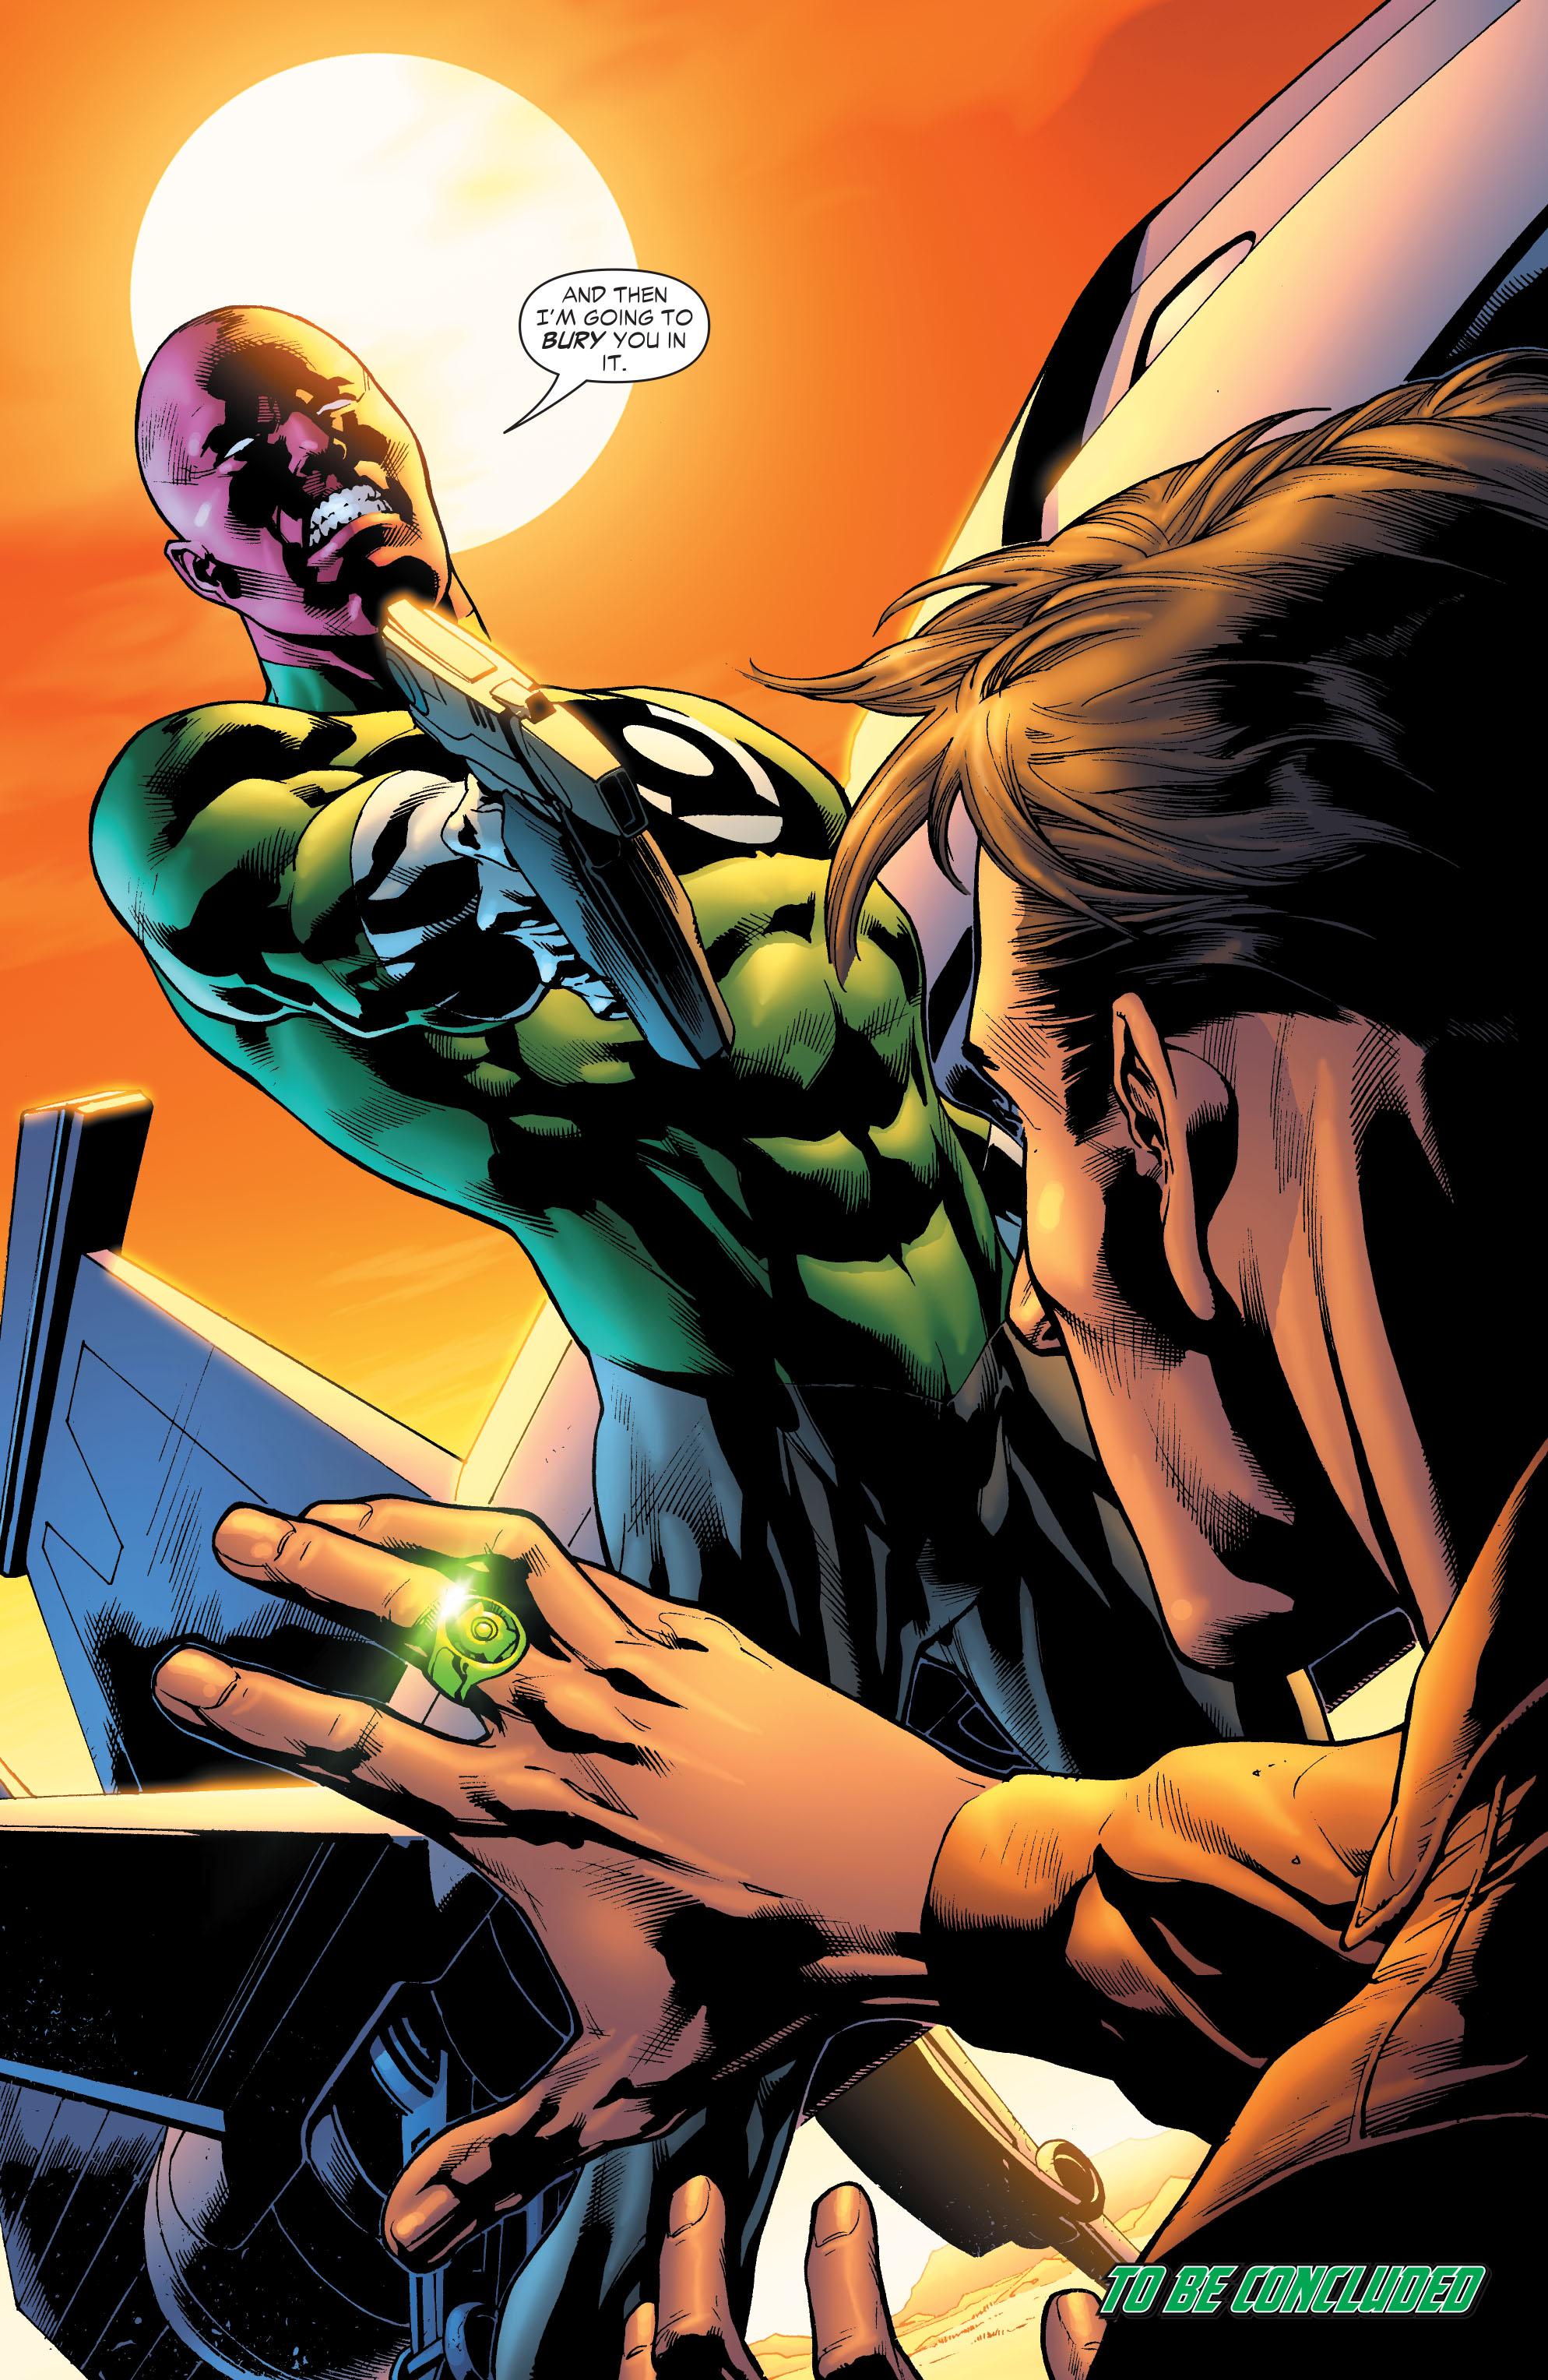 Amon Sur (Green Lantern Vol. 4 #16)